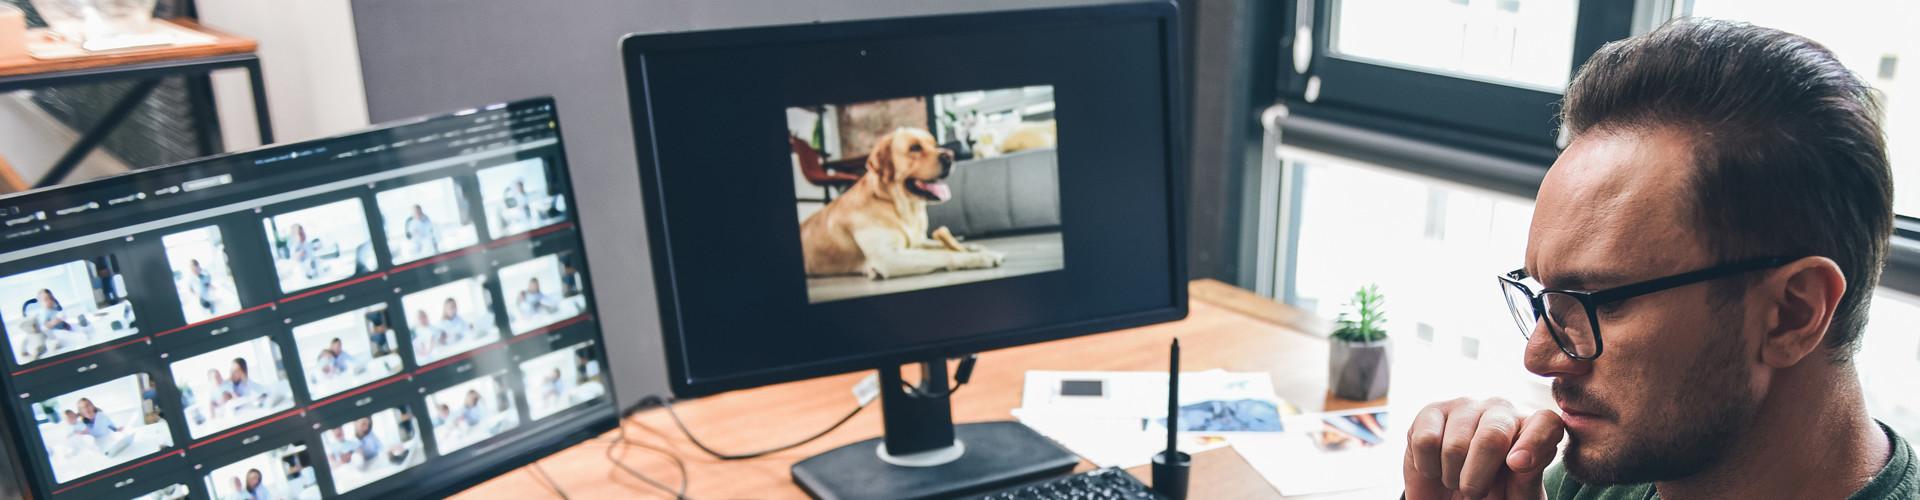 Junger Mann mit Brille sitzt am Schreibtisch, vor ihm stehen zwei Bildschirme © YakobchukOlena, stock.adobe.com